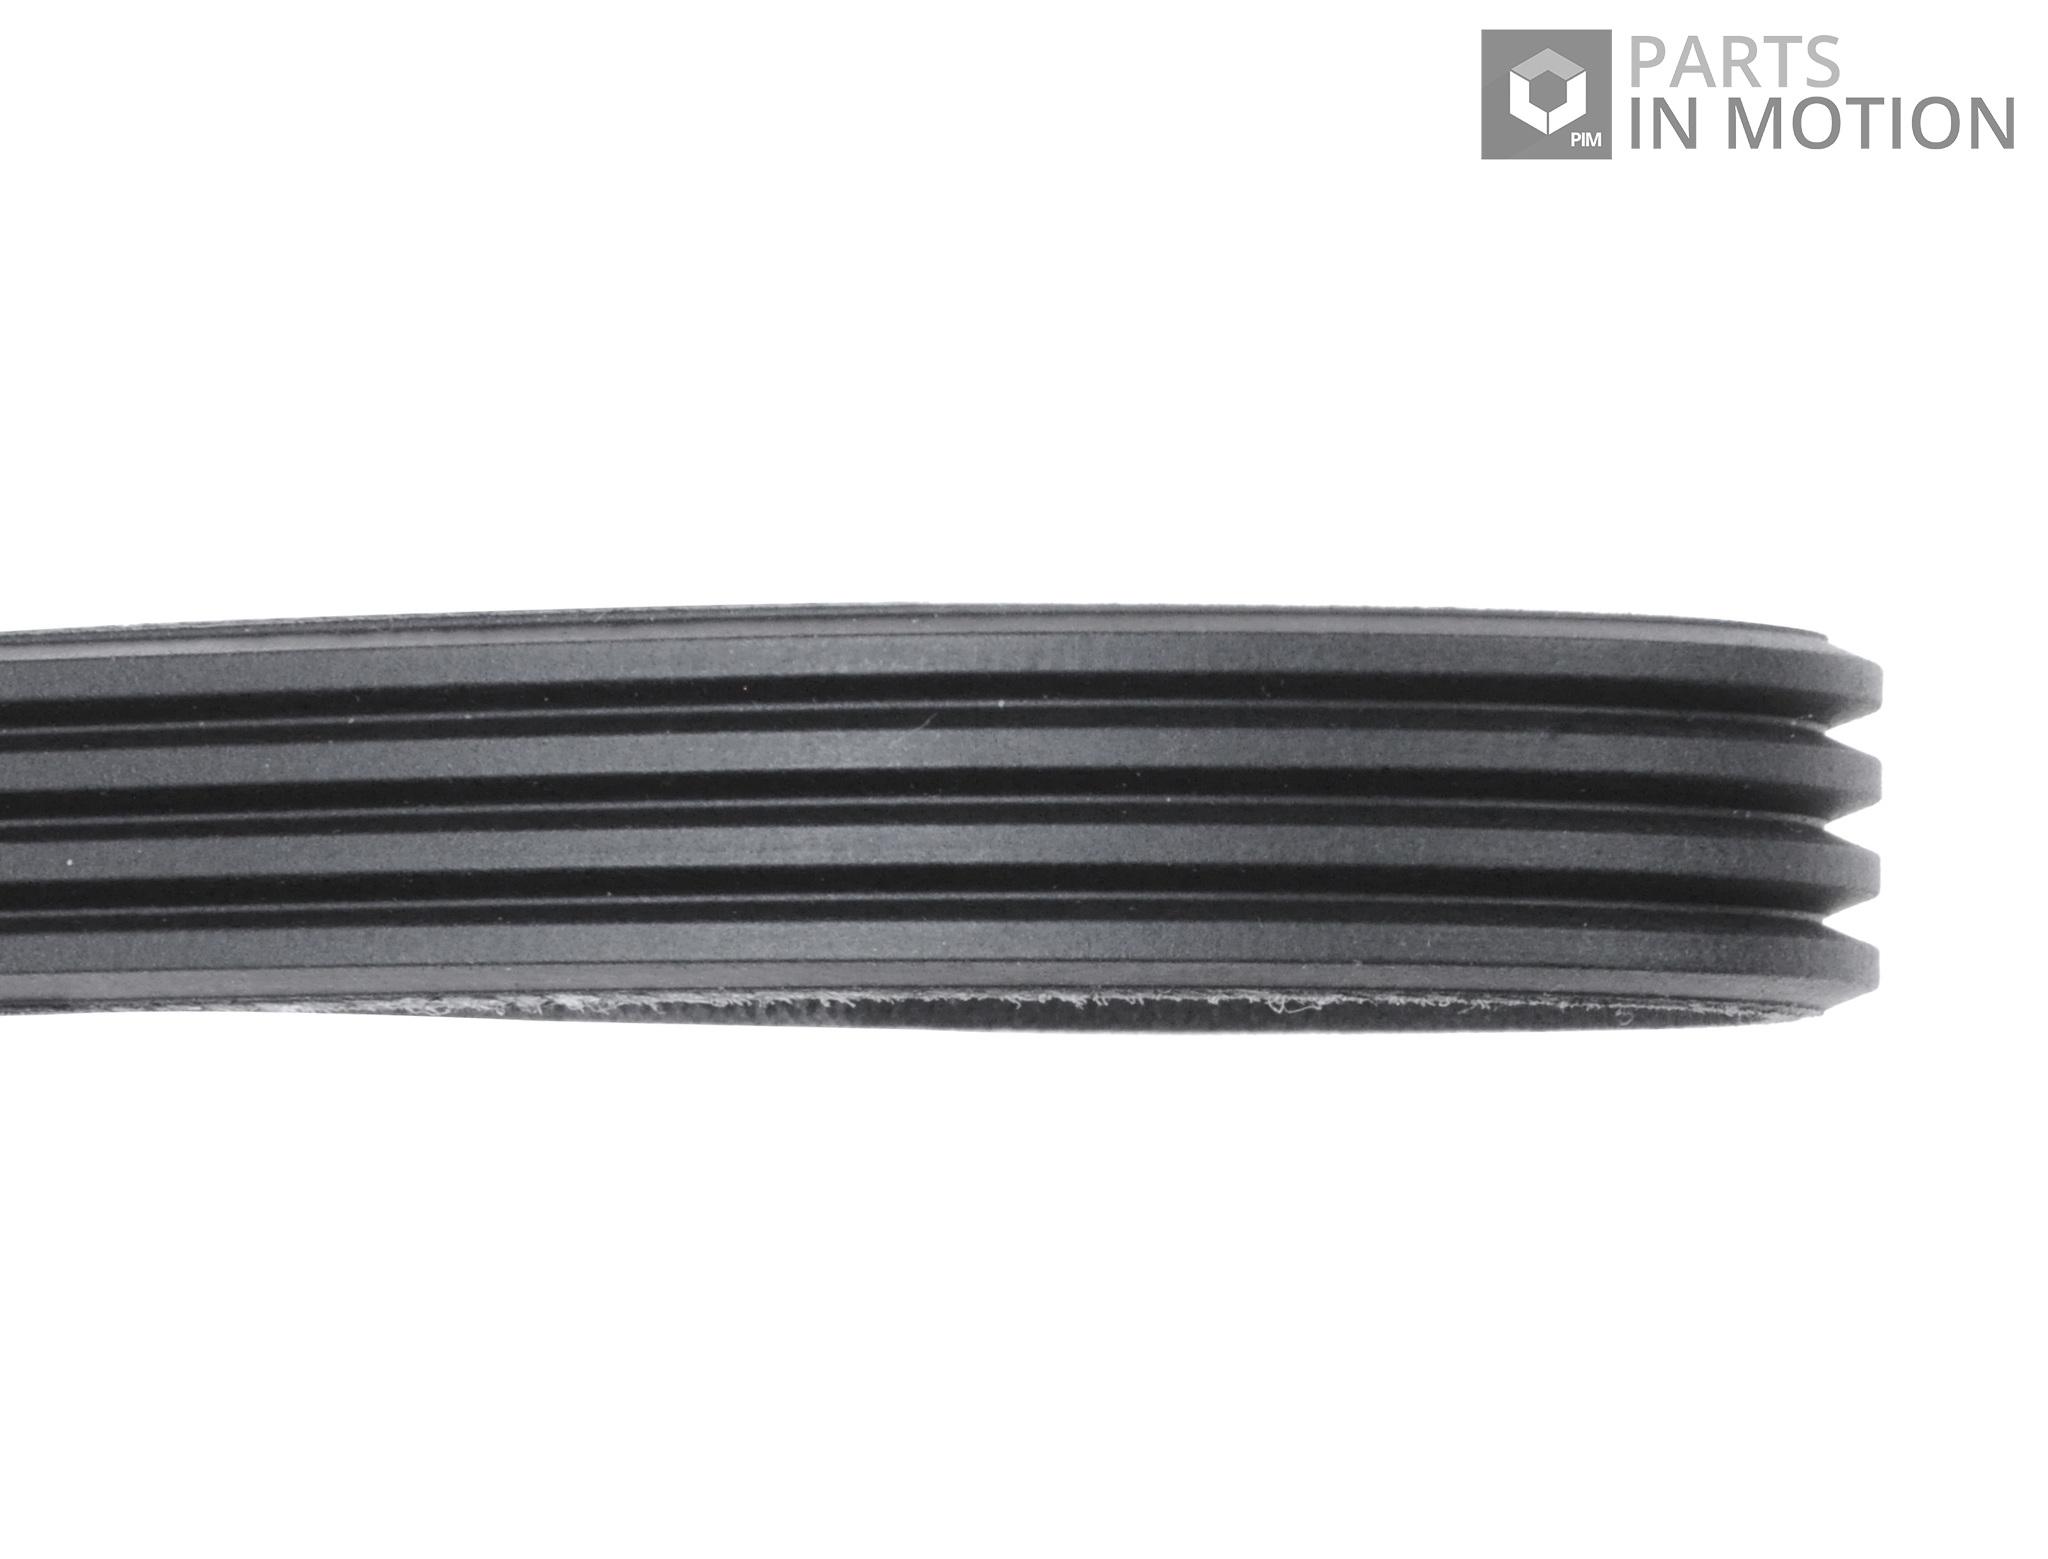 Multi V Drive Belt fits SUZUKI SWIFT RS 413 1.3 2005 on M13A ADL 1752164J00 New